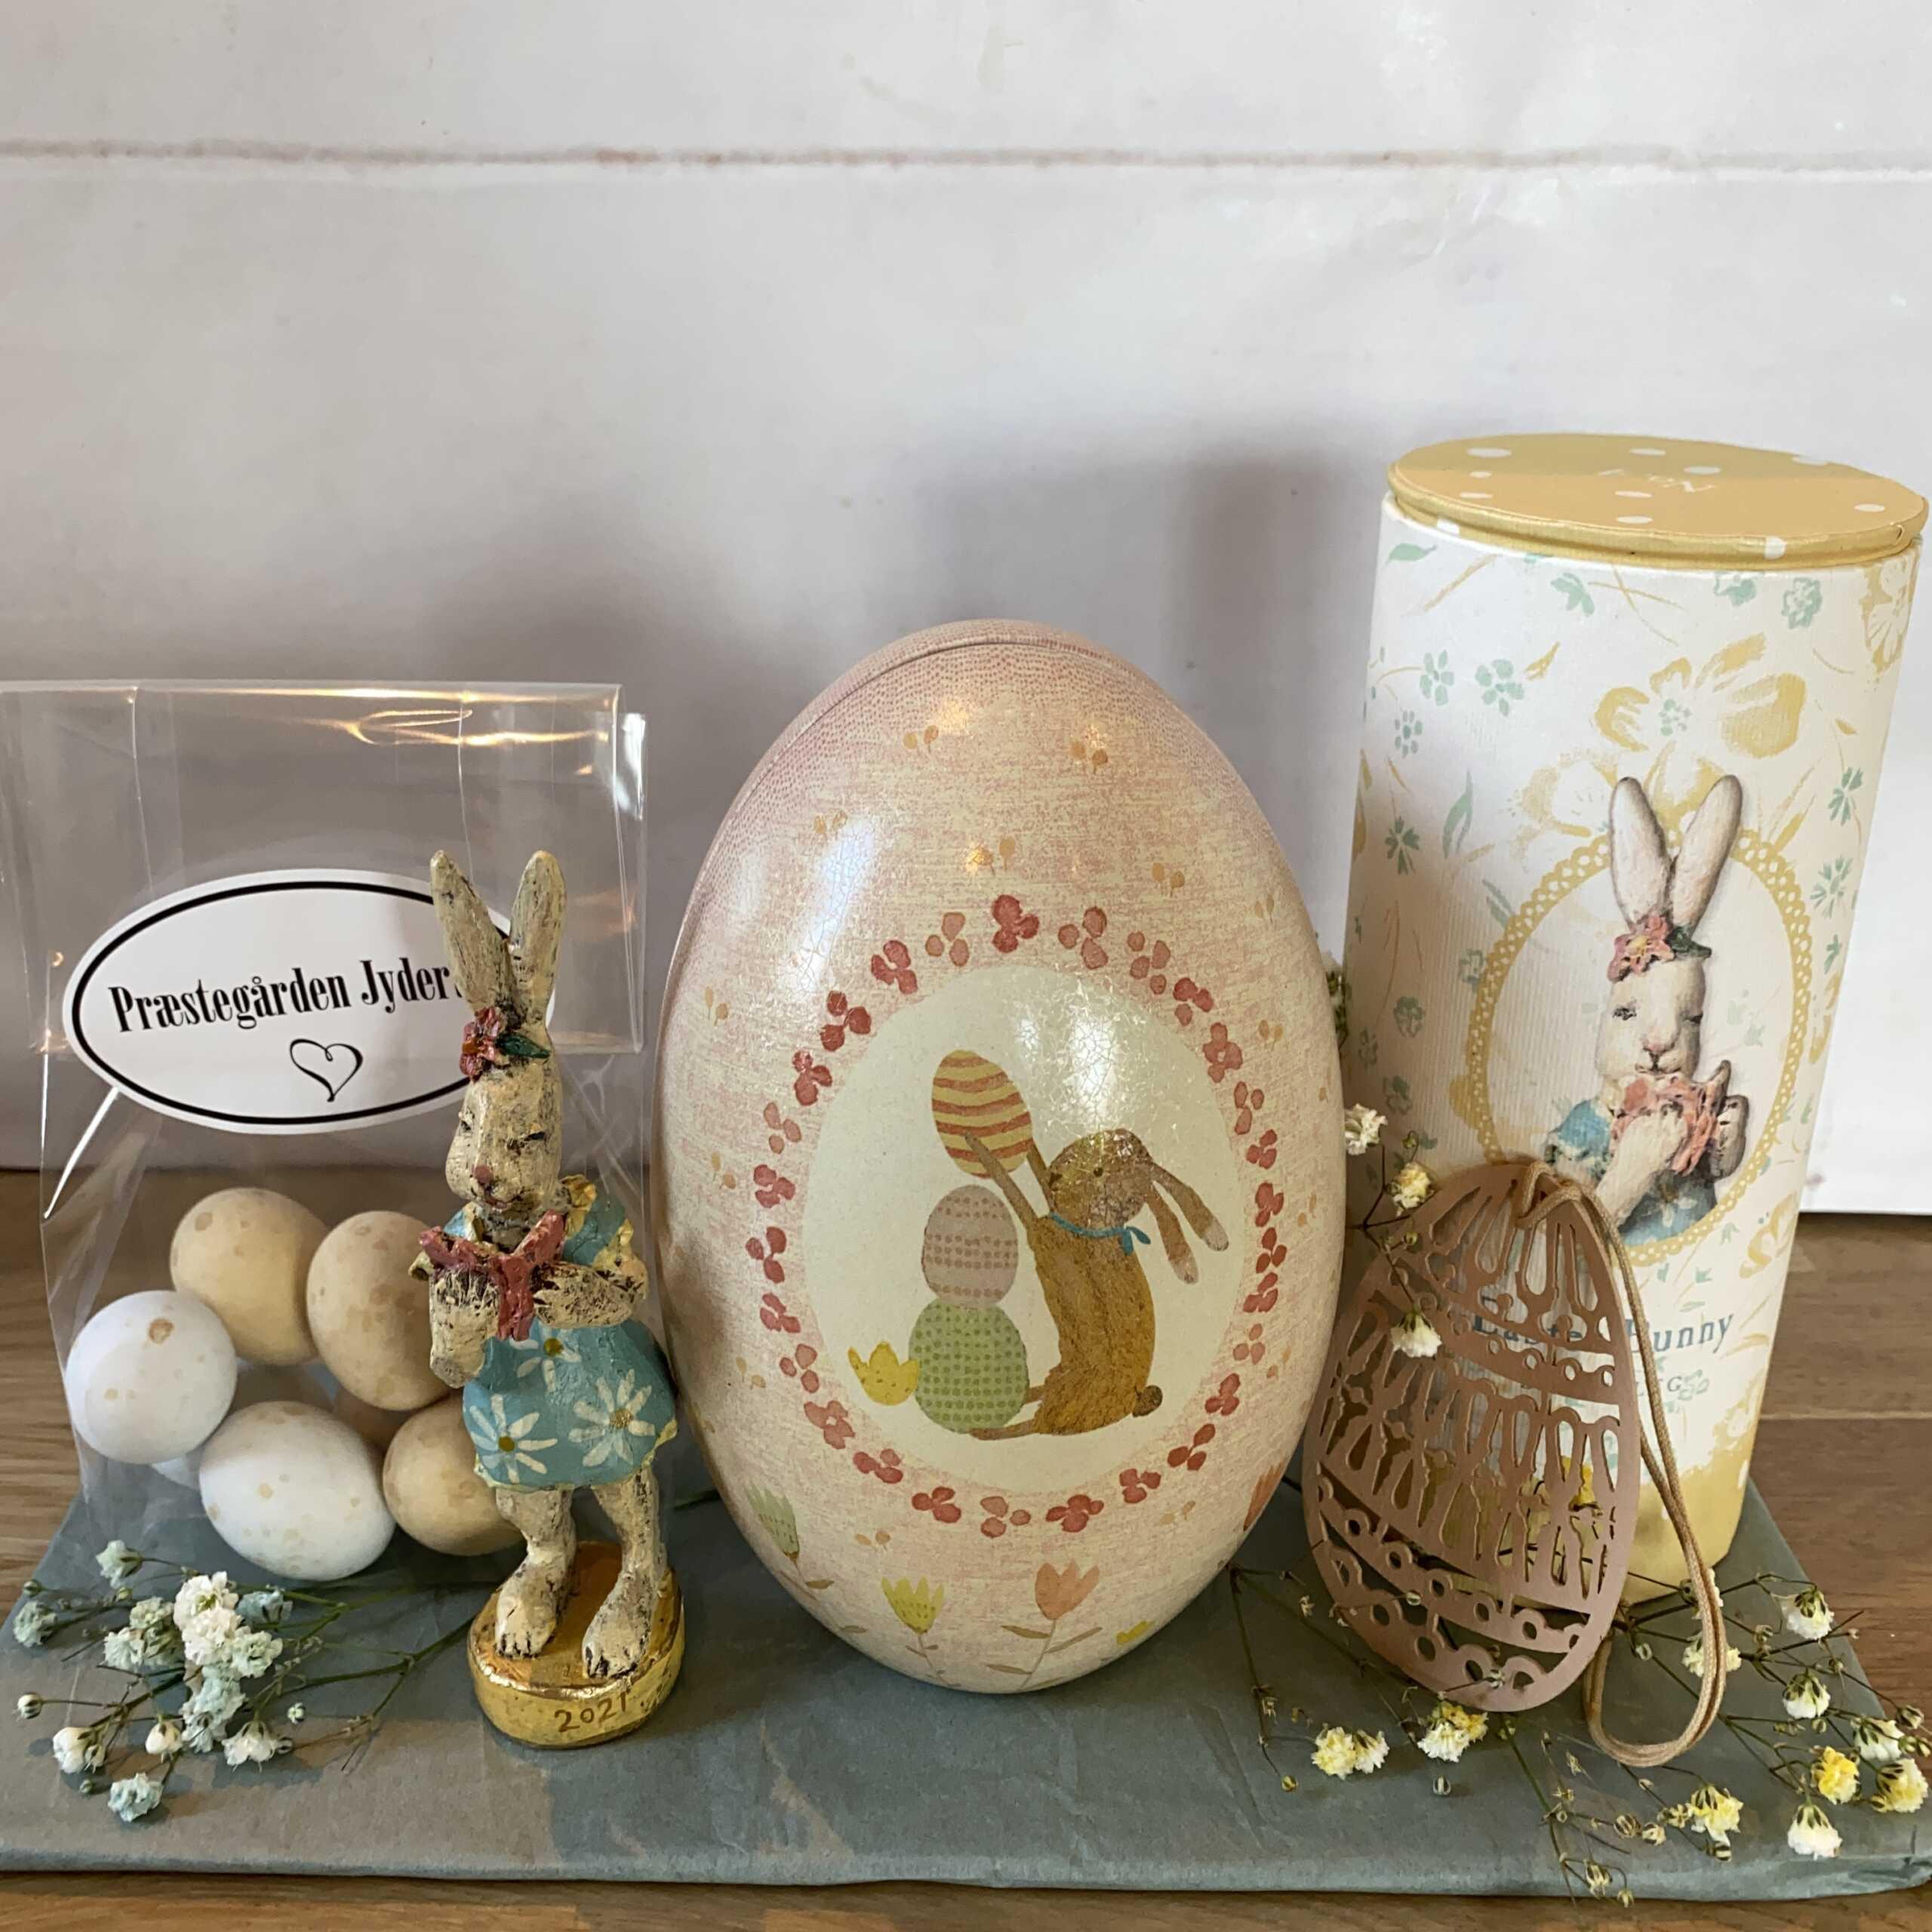 Påske~Sæt med Metal æg, sød kanin fra Maileg, påskevedhæng og lækre dragéæg ~ 250 kr.